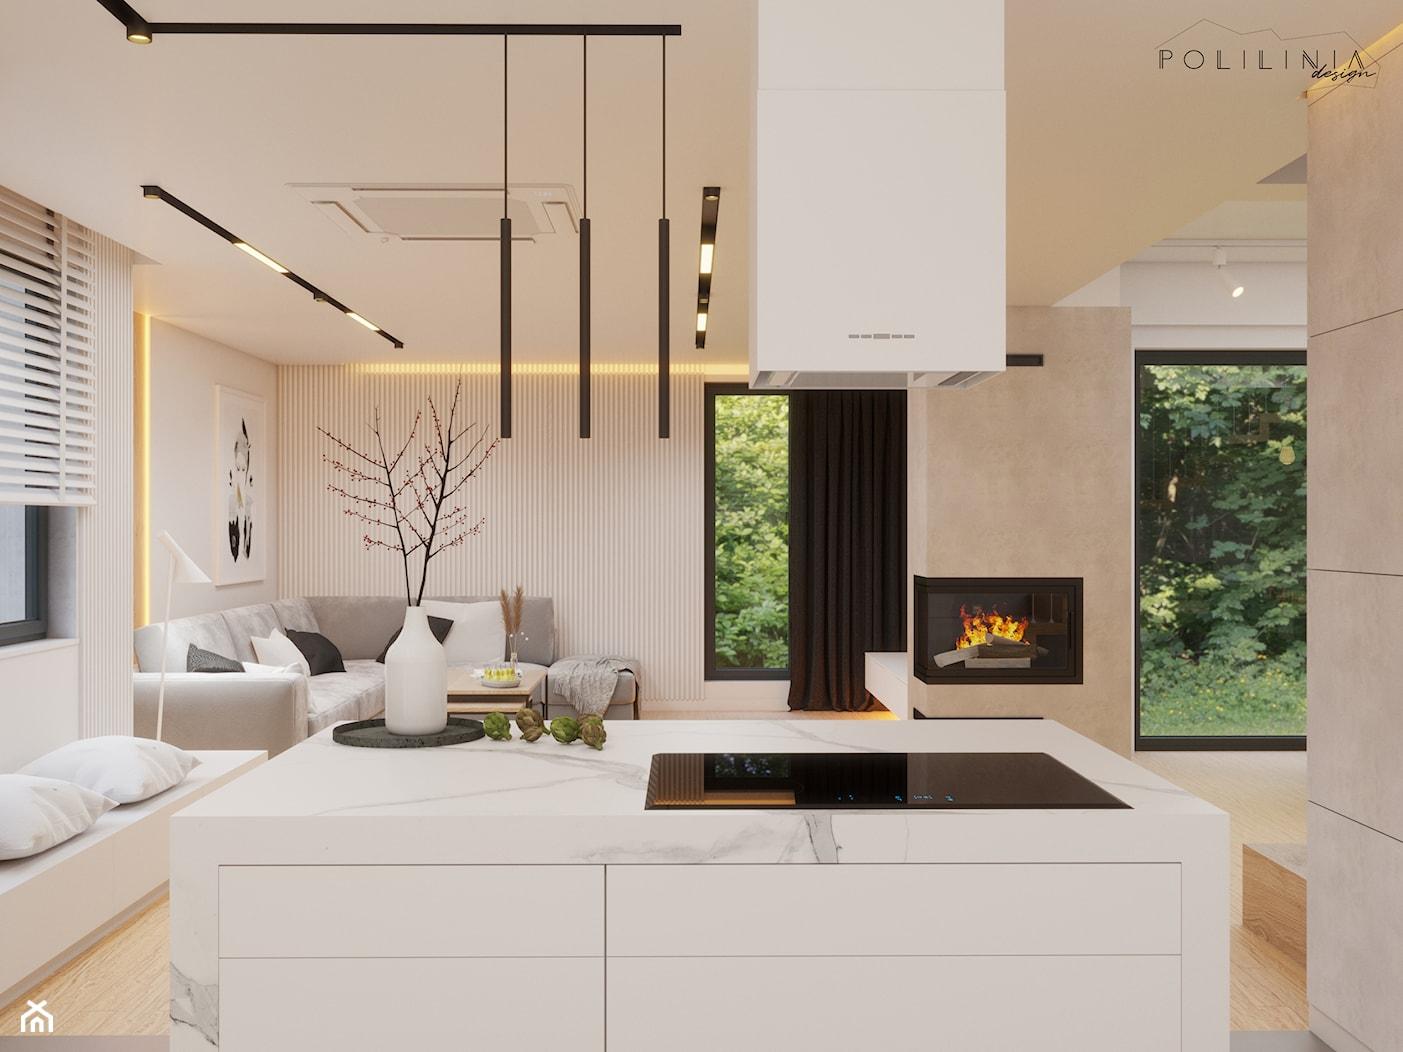 Część dzienna - dom Ruda Śląśka #5 - Średnia otwarta biała beżowa kuchnia jednorzędowa w aneksie z wyspą z oknem, styl nowoczesny - zdjęcie od Polilinia Design - Homebook